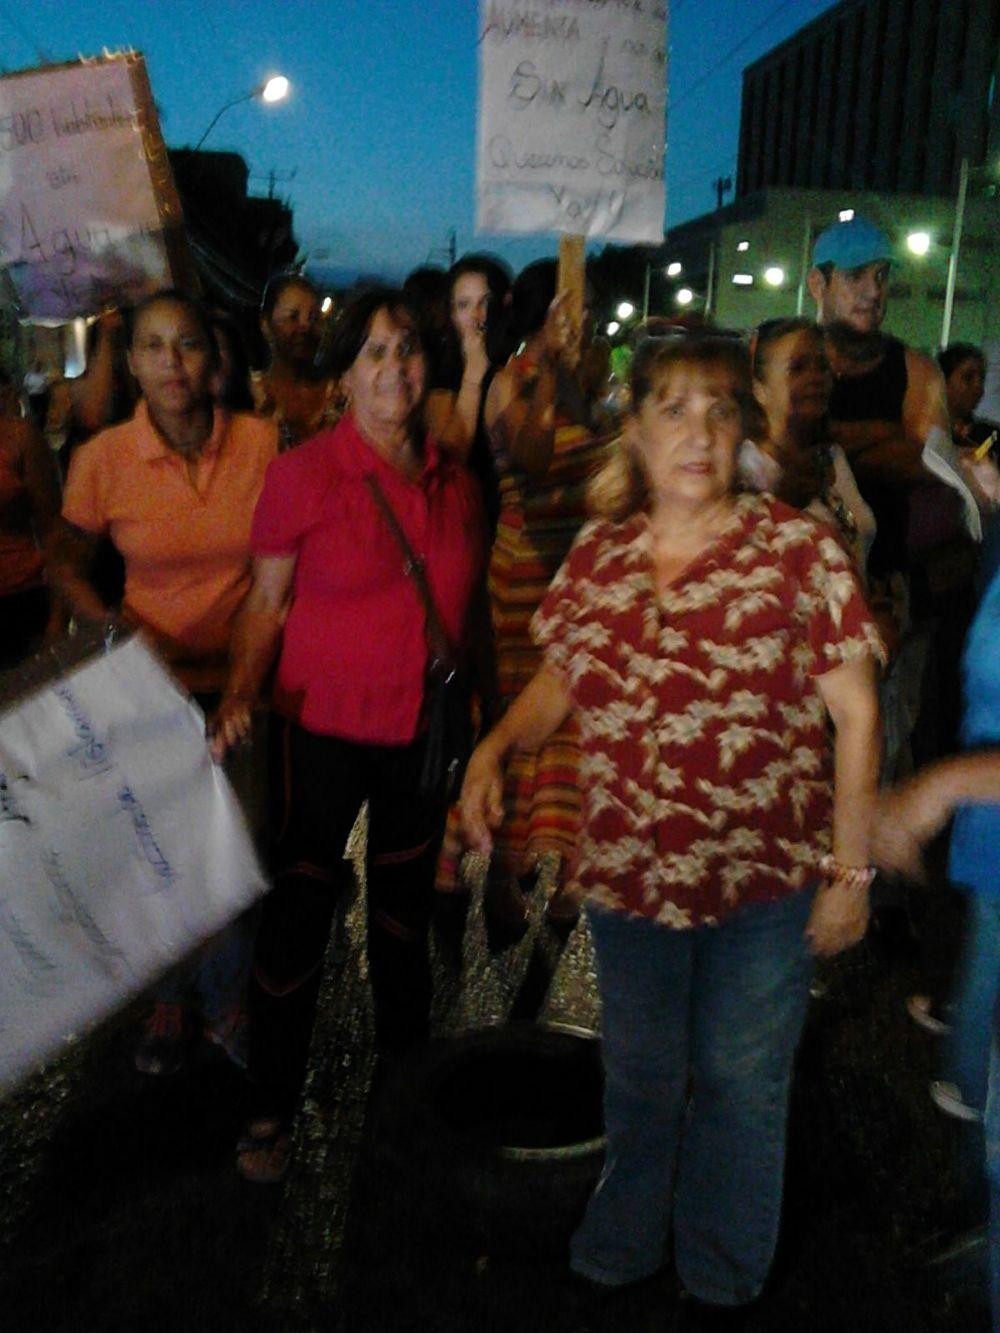 Vecinos de VistaMar hacen un llamado a Aristóbulo Isturíz para que resuelva el problema. Foto: